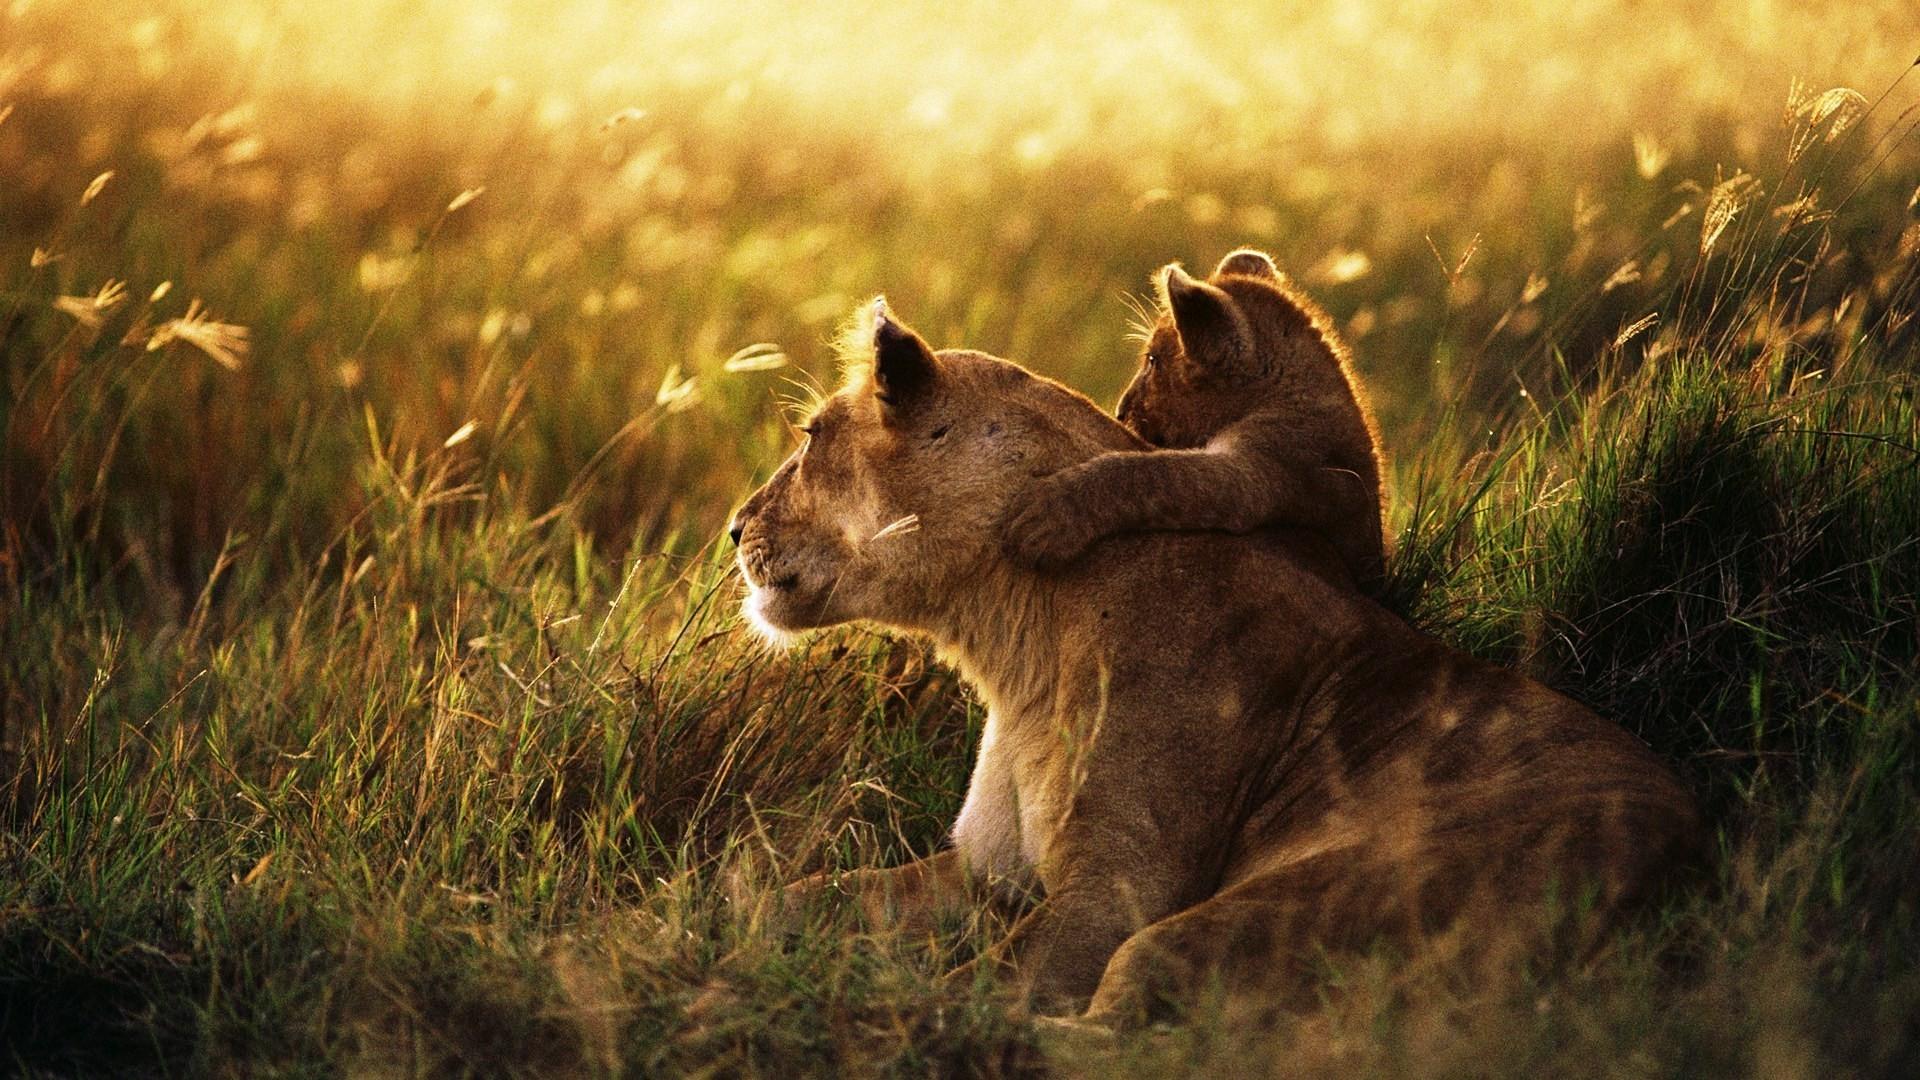 Pics Of Lions Wallpaper